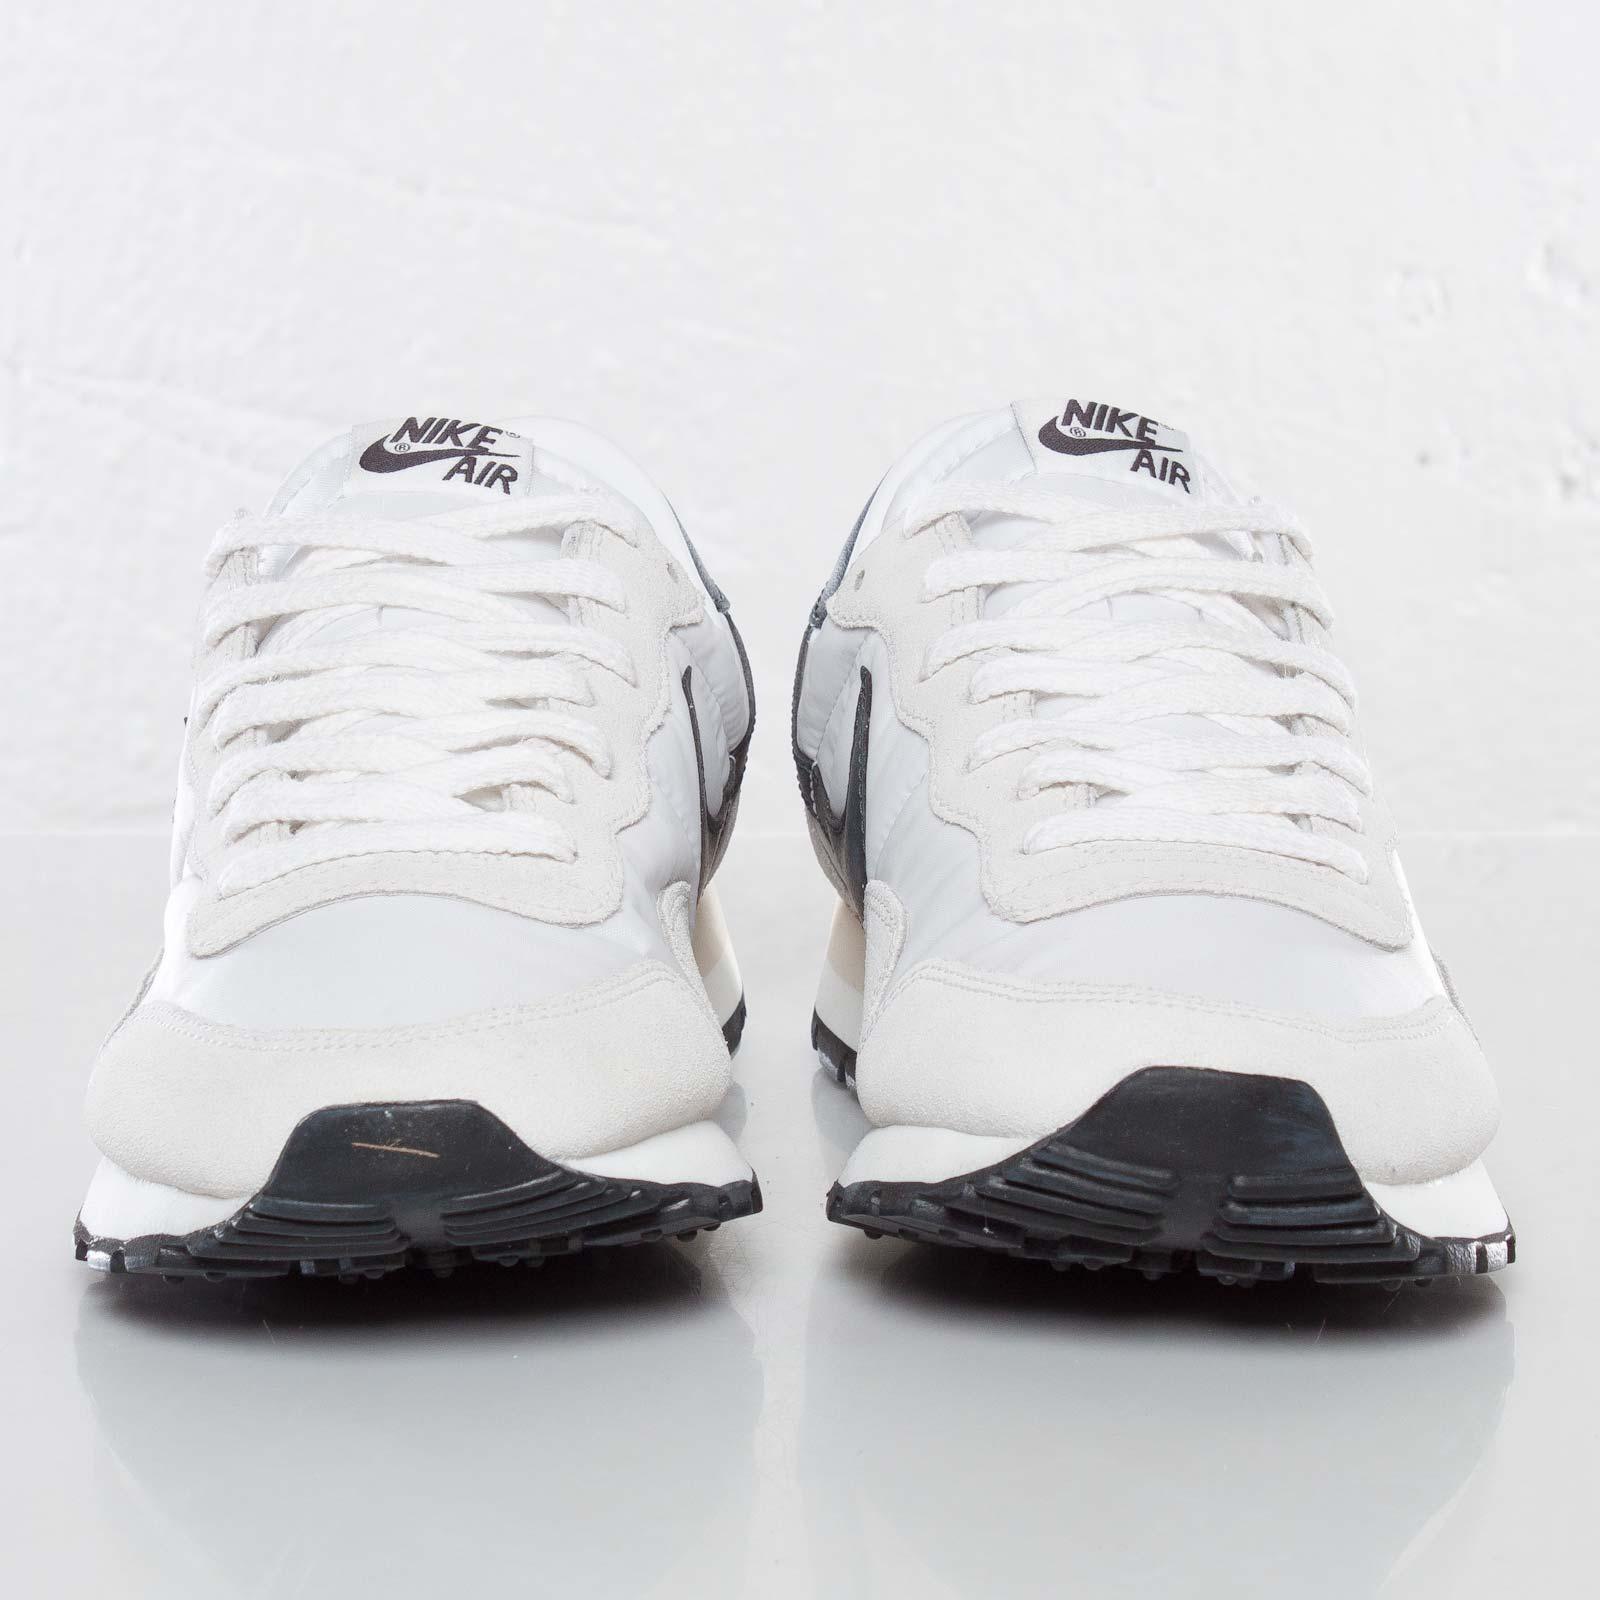 6b1e3577d65 Nike Air Pegasus 83 - 599124-102 - Sneakersnstuff